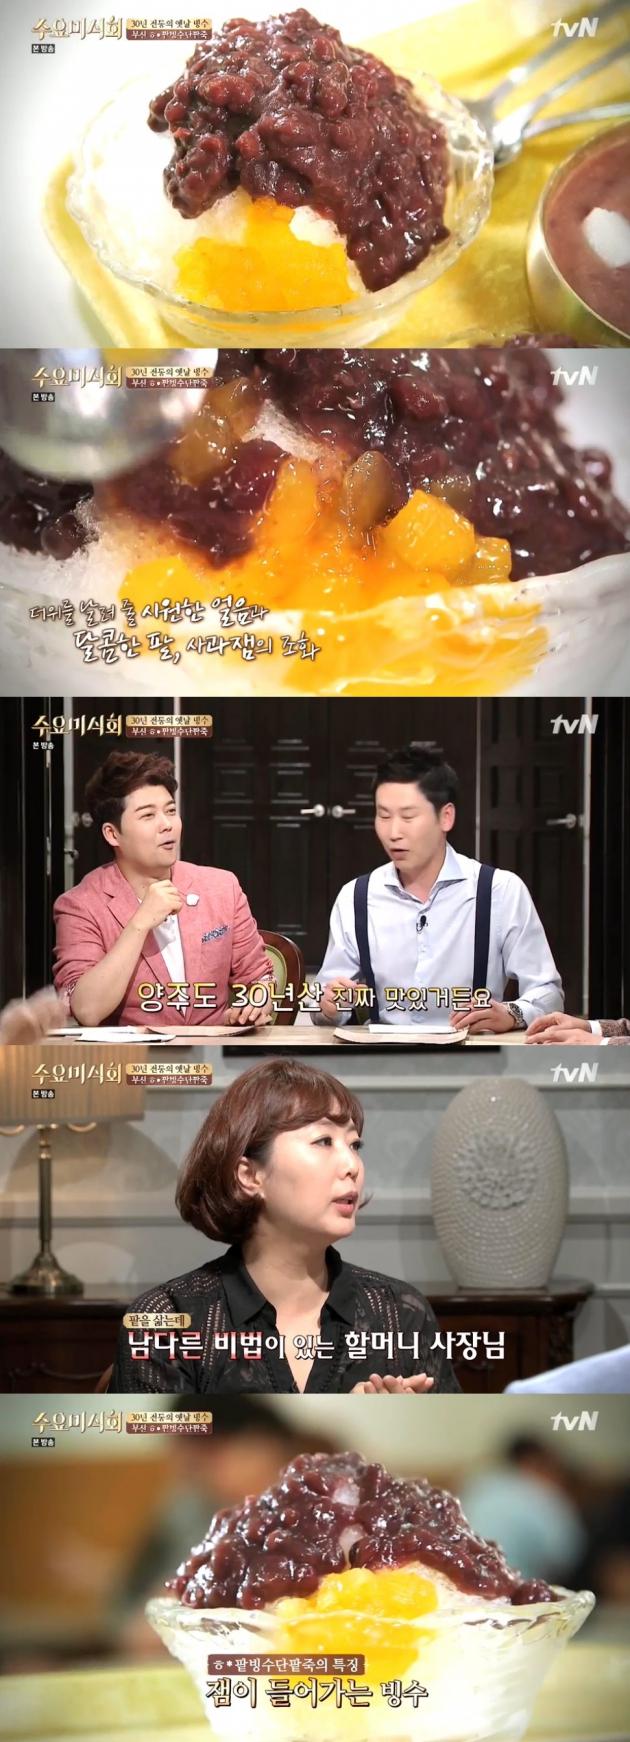 수요미식회 할매팥빙수단팥죽 / 수요미식회 할매팥빙수단팥죽 사진=tvN 방송 캡처